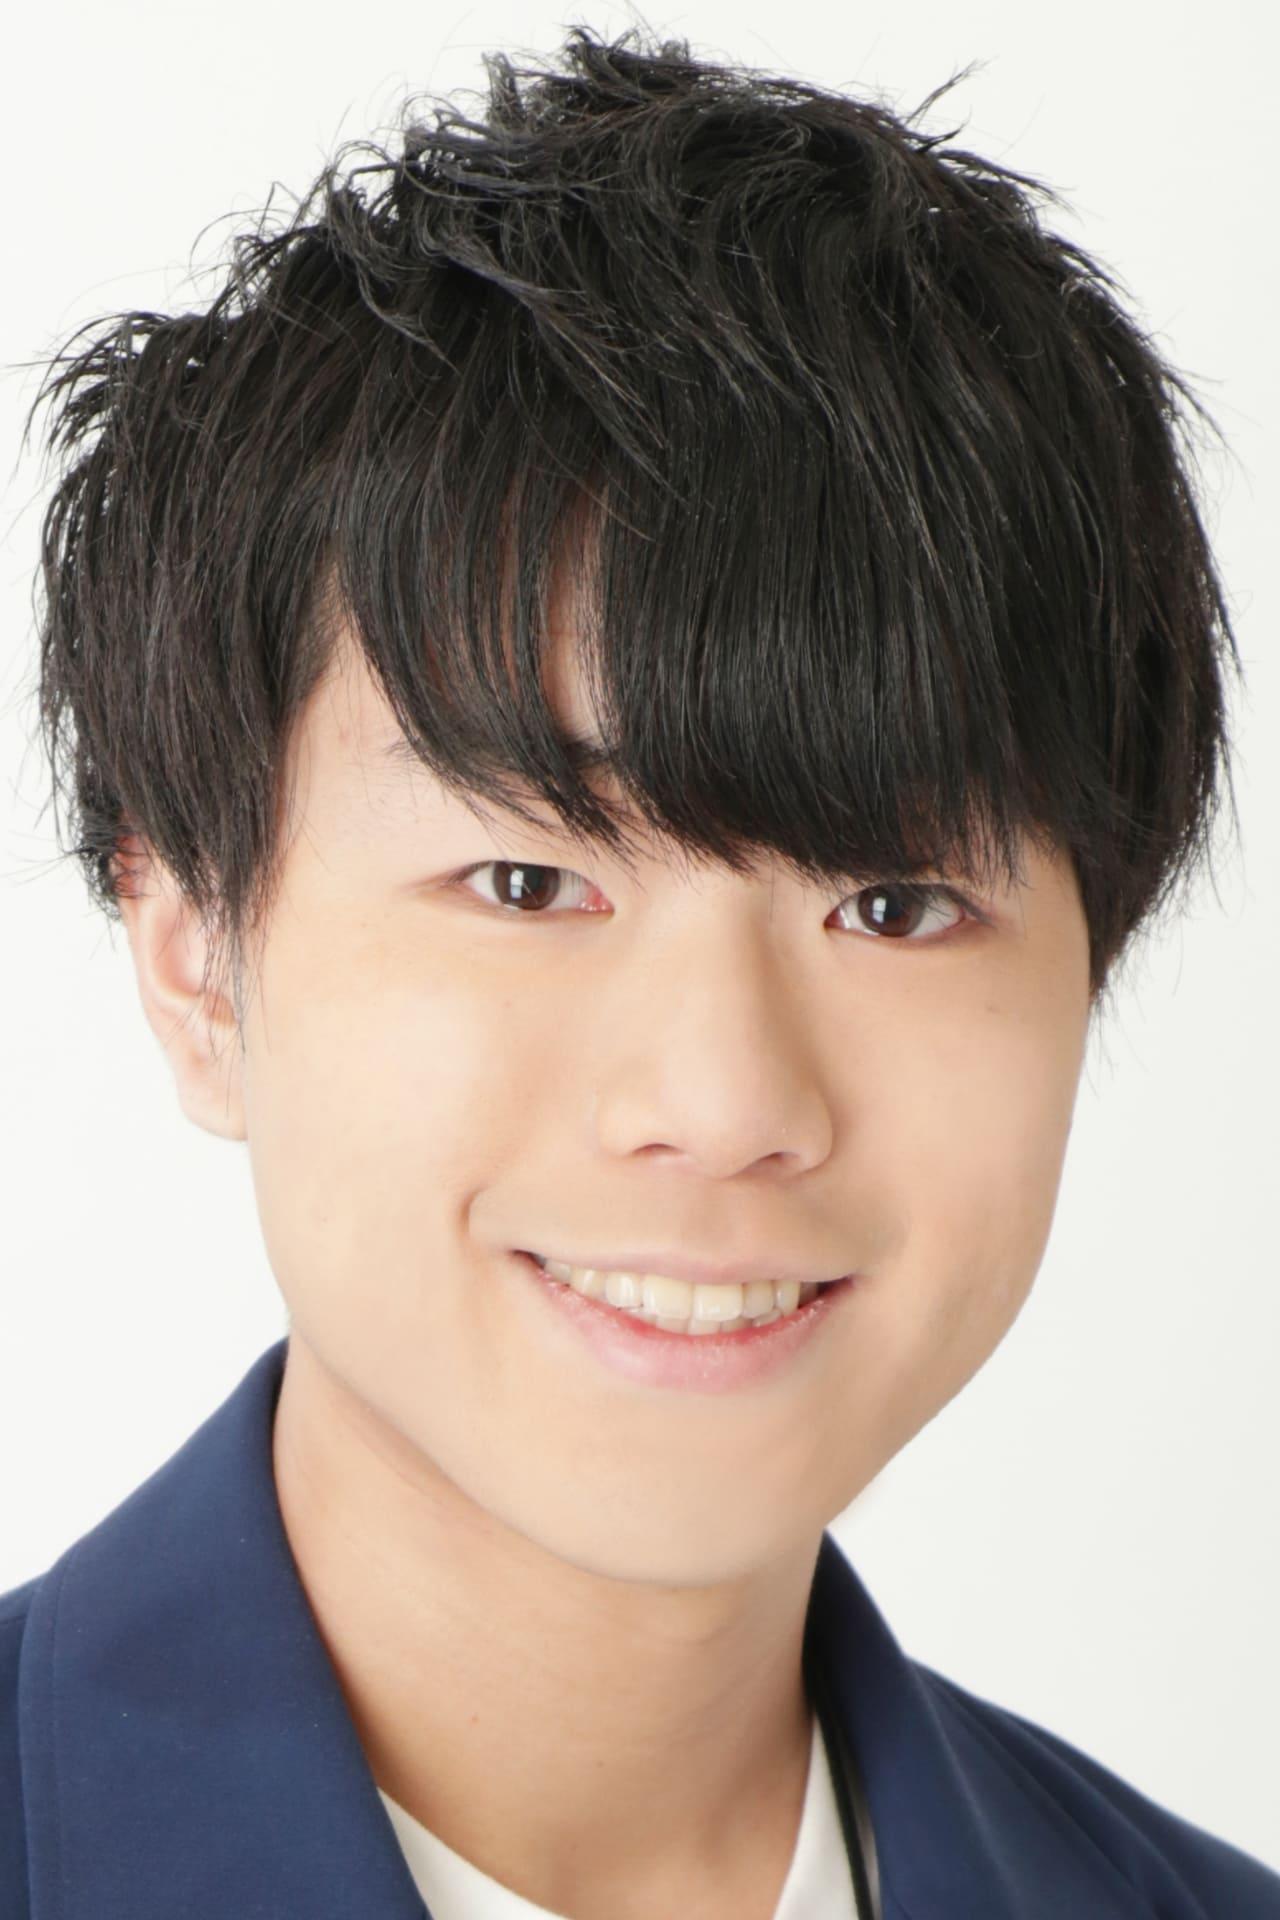 Takushi Fujikawa